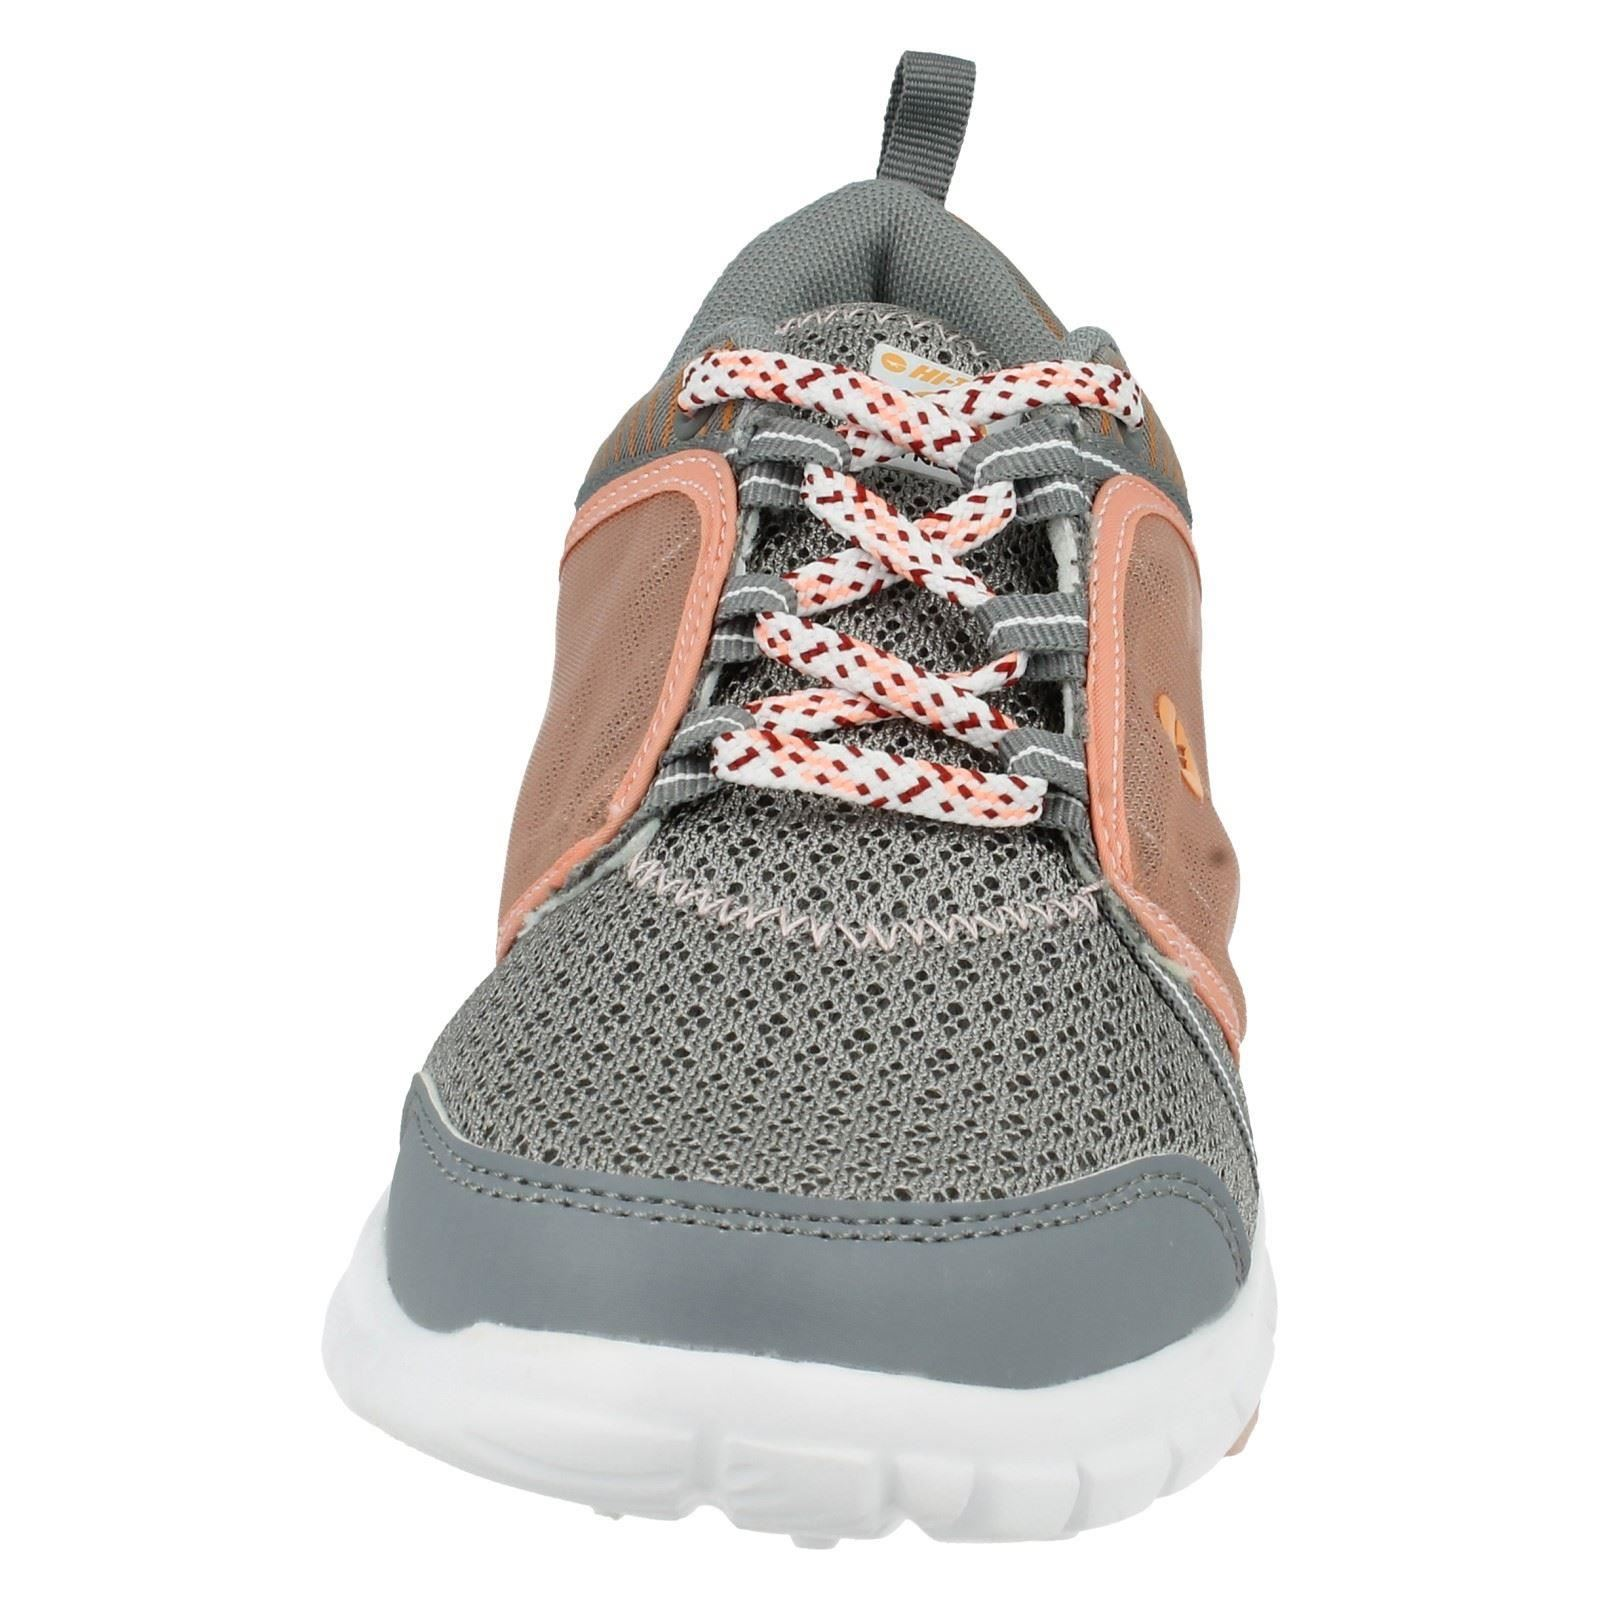 Zapatillas para hombre Hi-Tec Sueltas